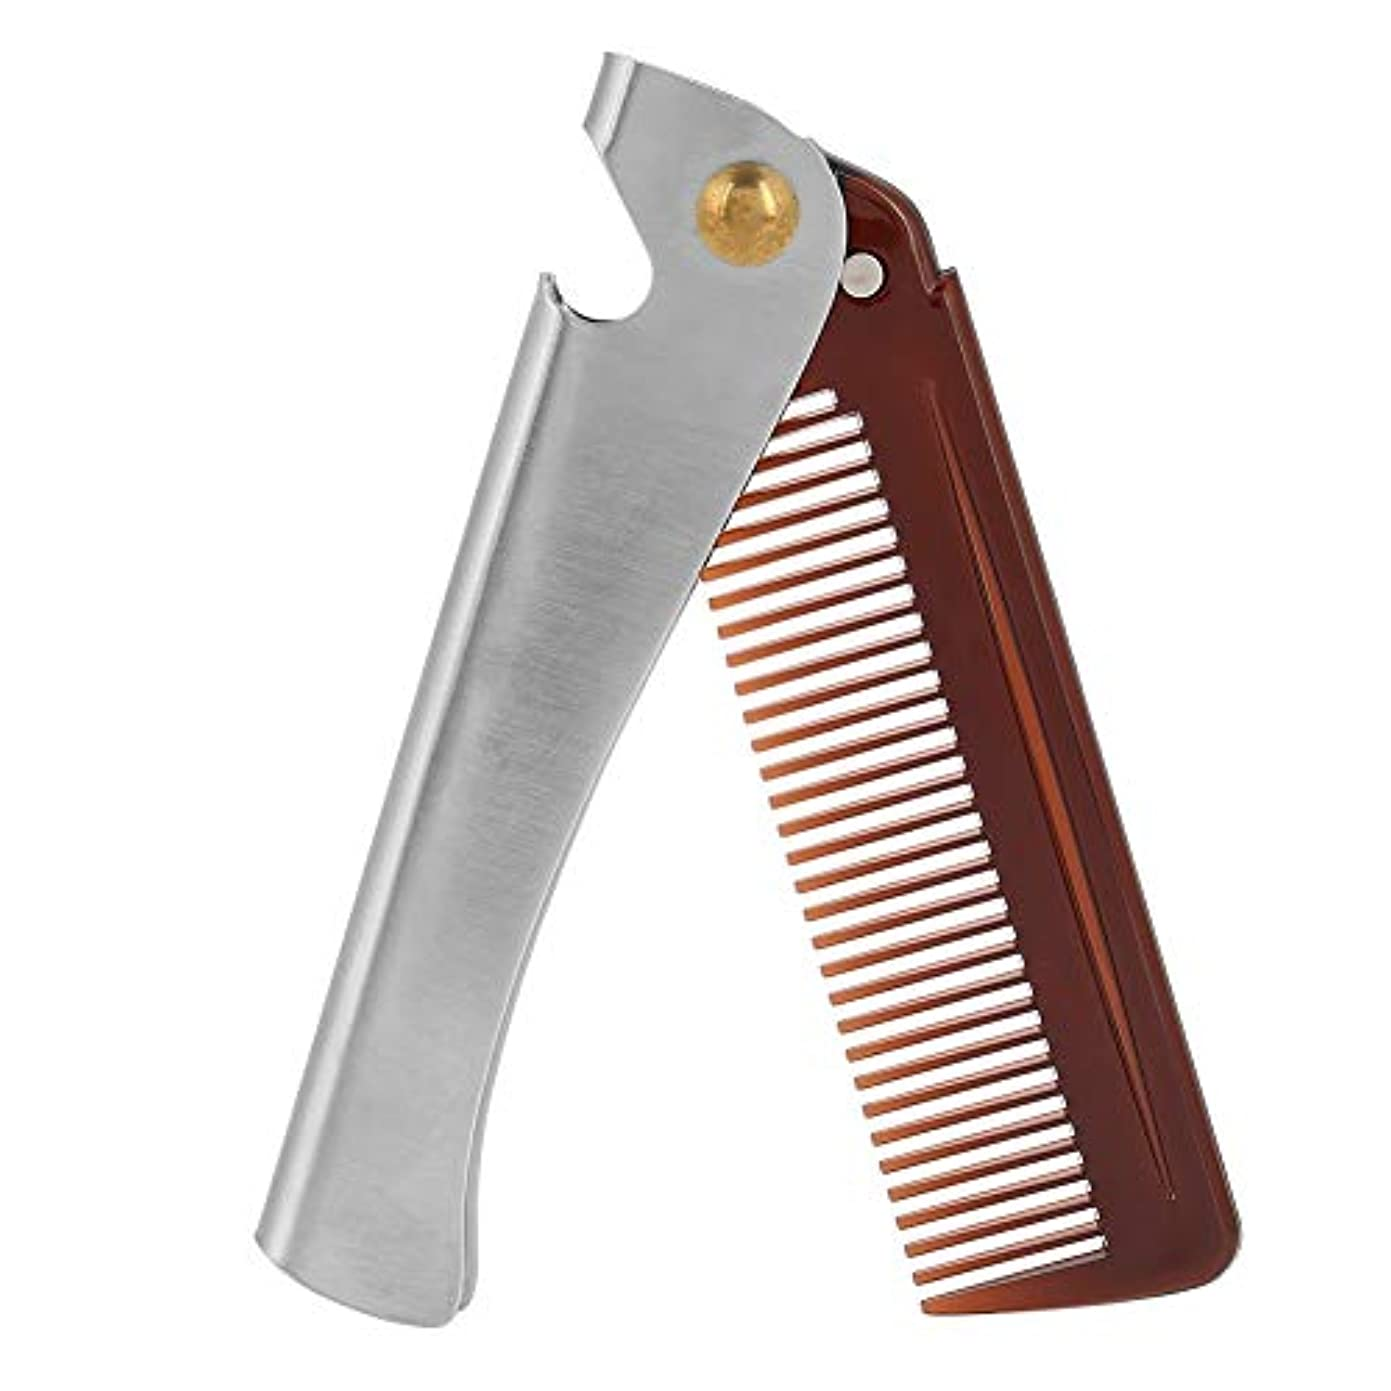 ステンレス製のひげの櫛の携帯用ステンレス製のひげの櫛の携帯用折りたたみ口ひげ用具の栓抜き